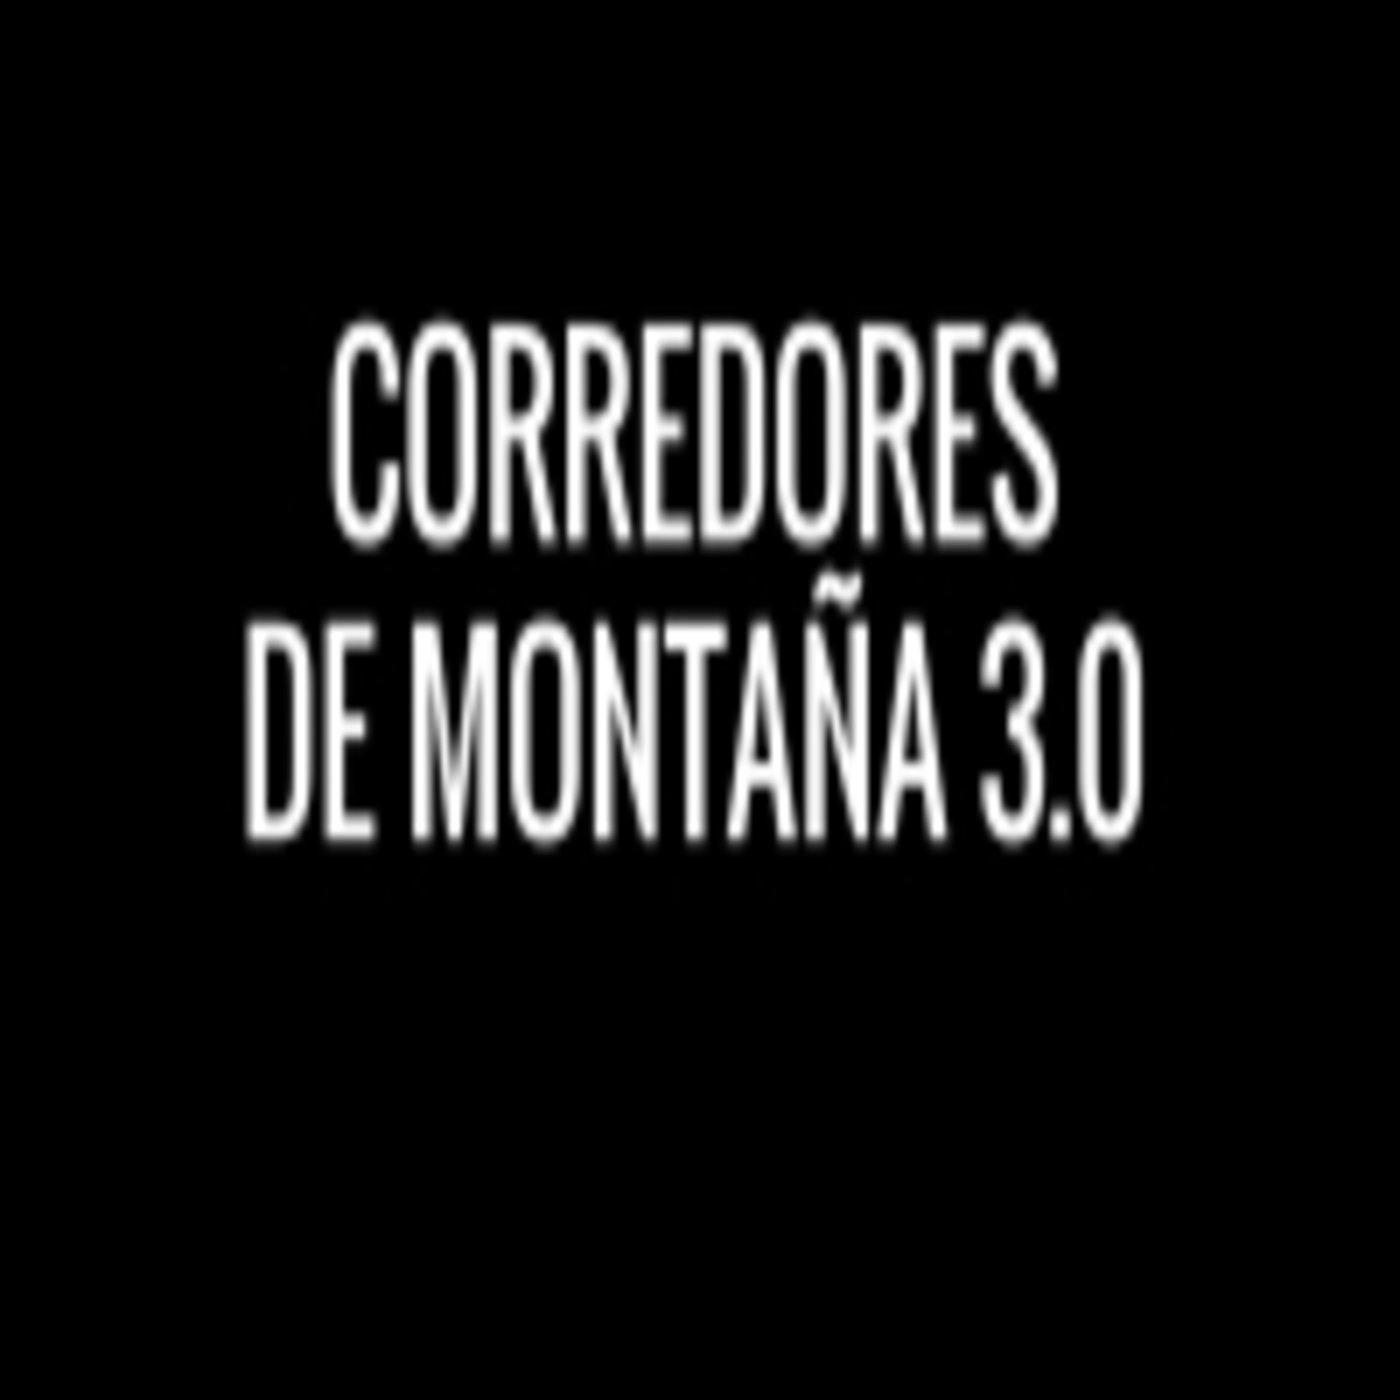 <![CDATA[Corredores de montaña 3.0]]>